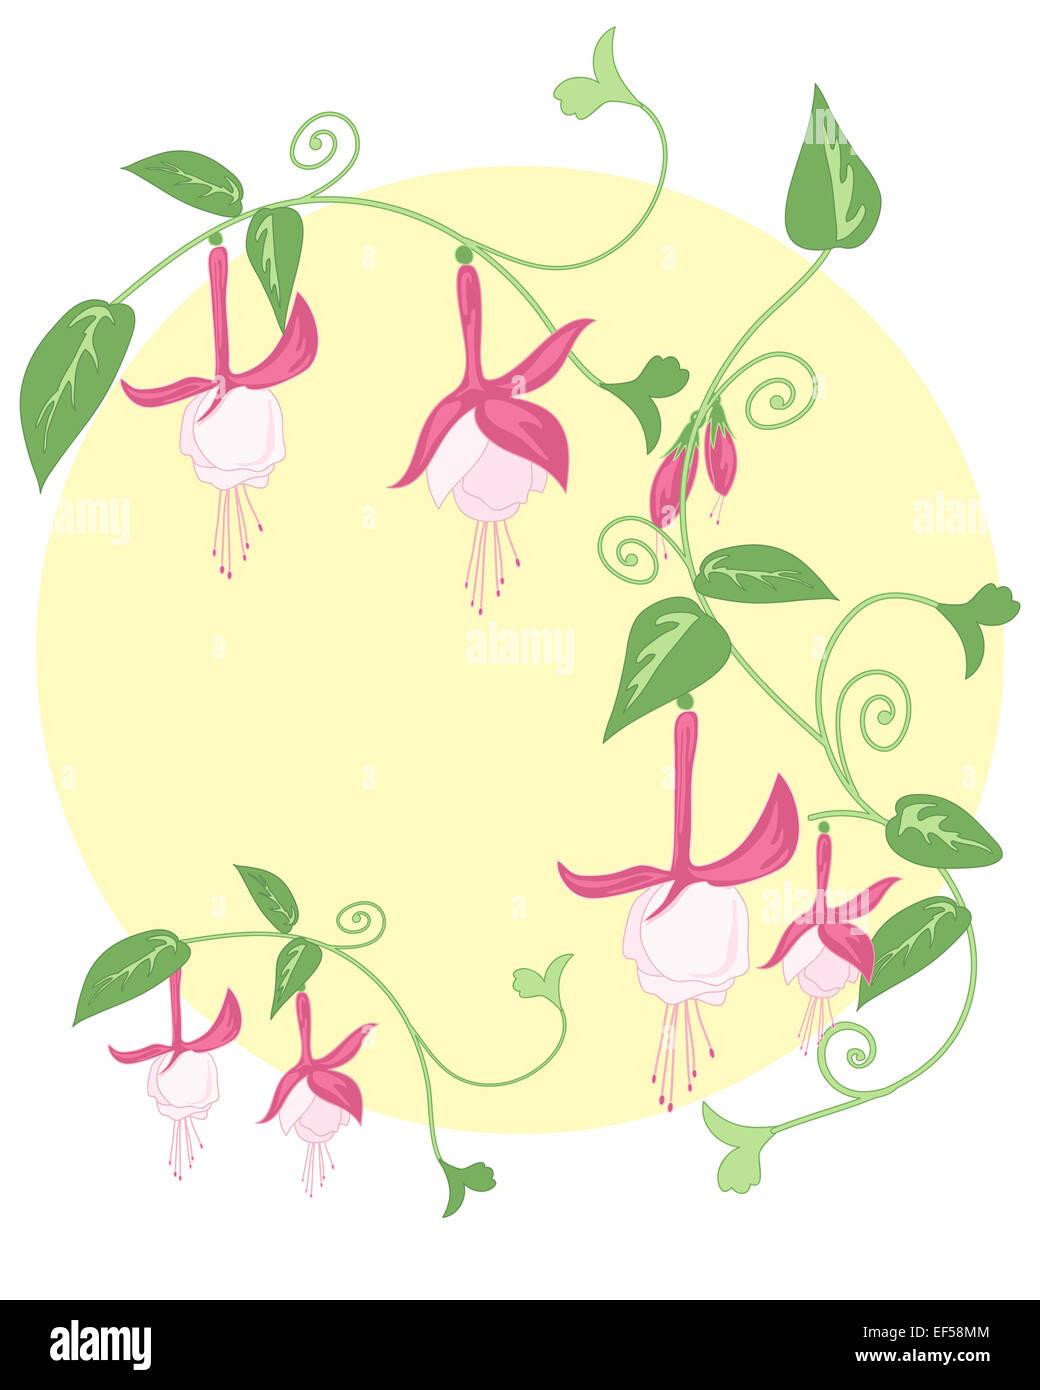 Una Illustrazione Di Un Disegno Floreale Stilizzato Con Fogliame